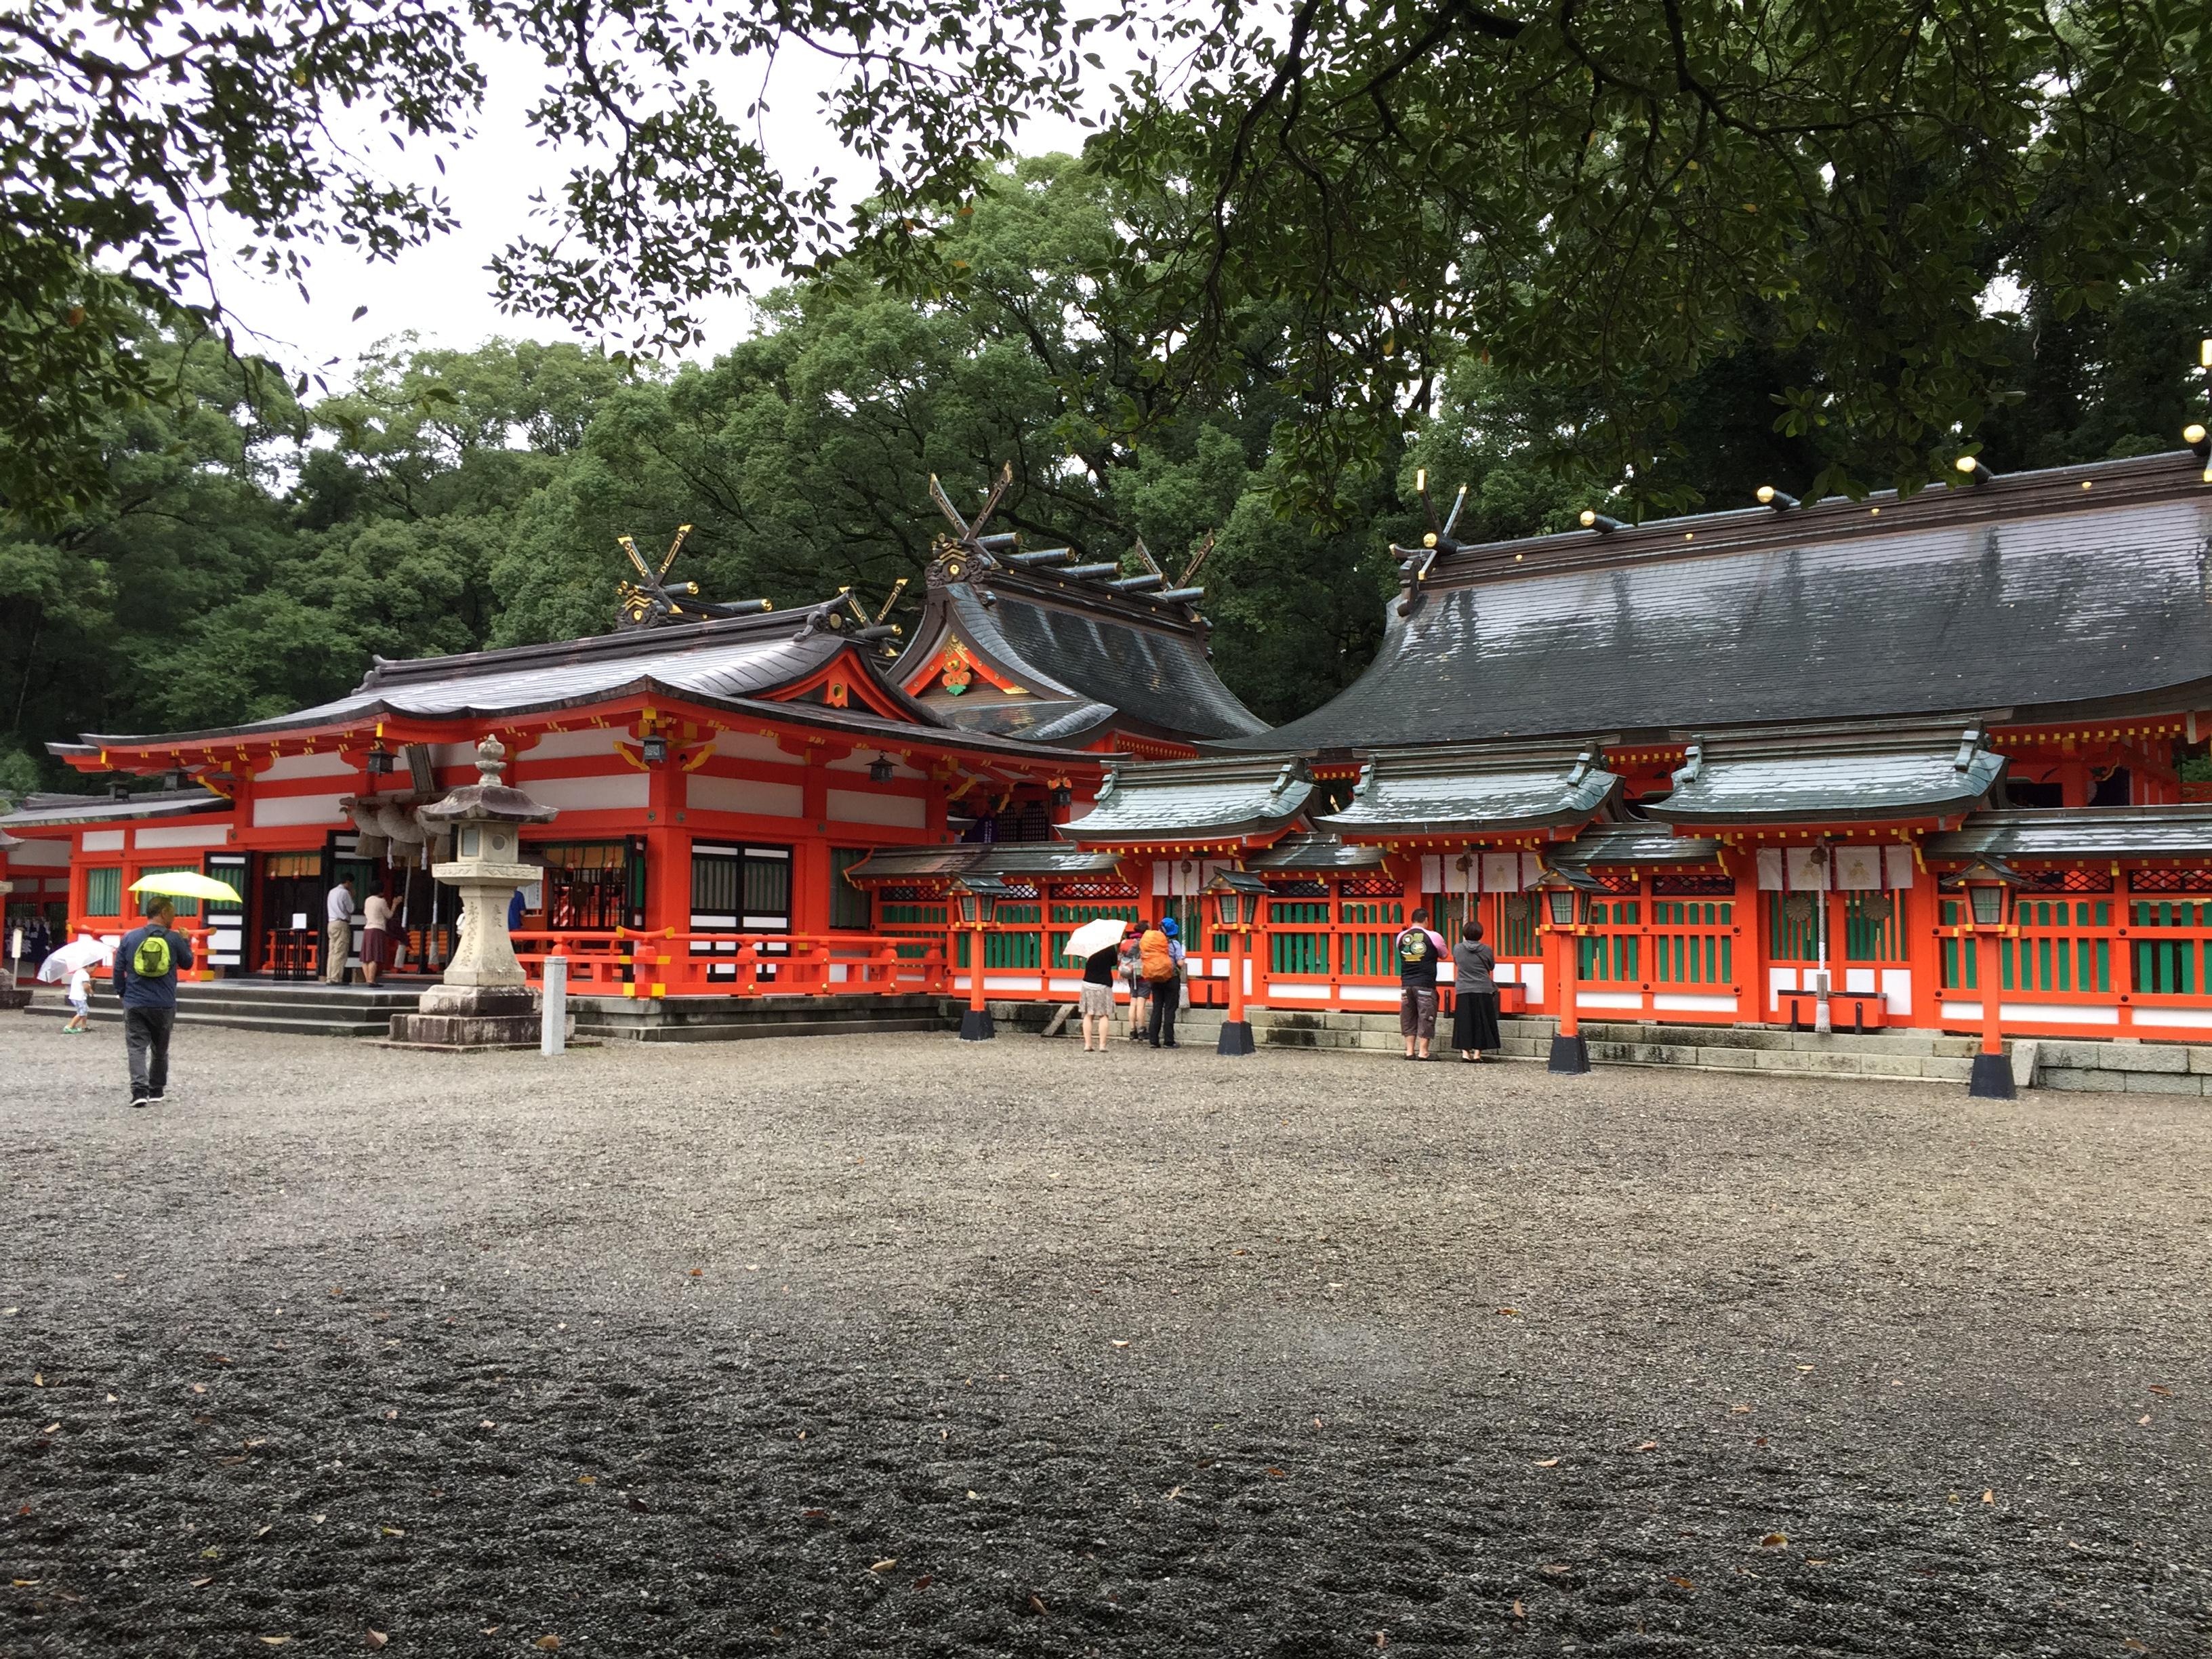 【熊野速玉大社】 熊野三山の一つ。御神木「ナギ」の木、牛王符。熊野と沖縄には繫がりがある?